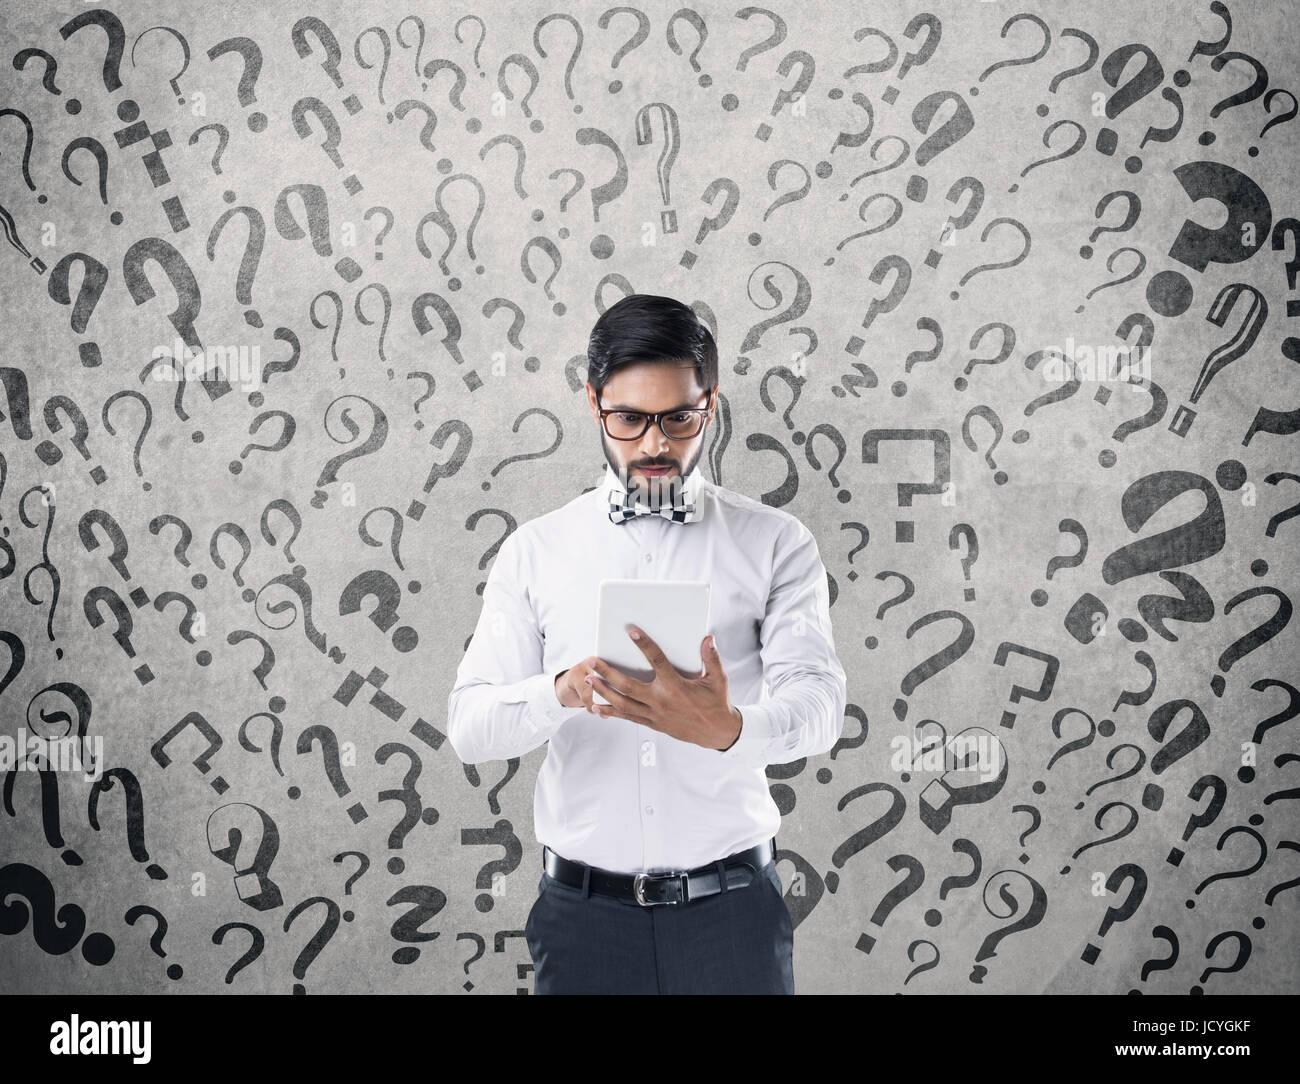 Imprenditore cercando di risolvere i problemi Immagini Stock